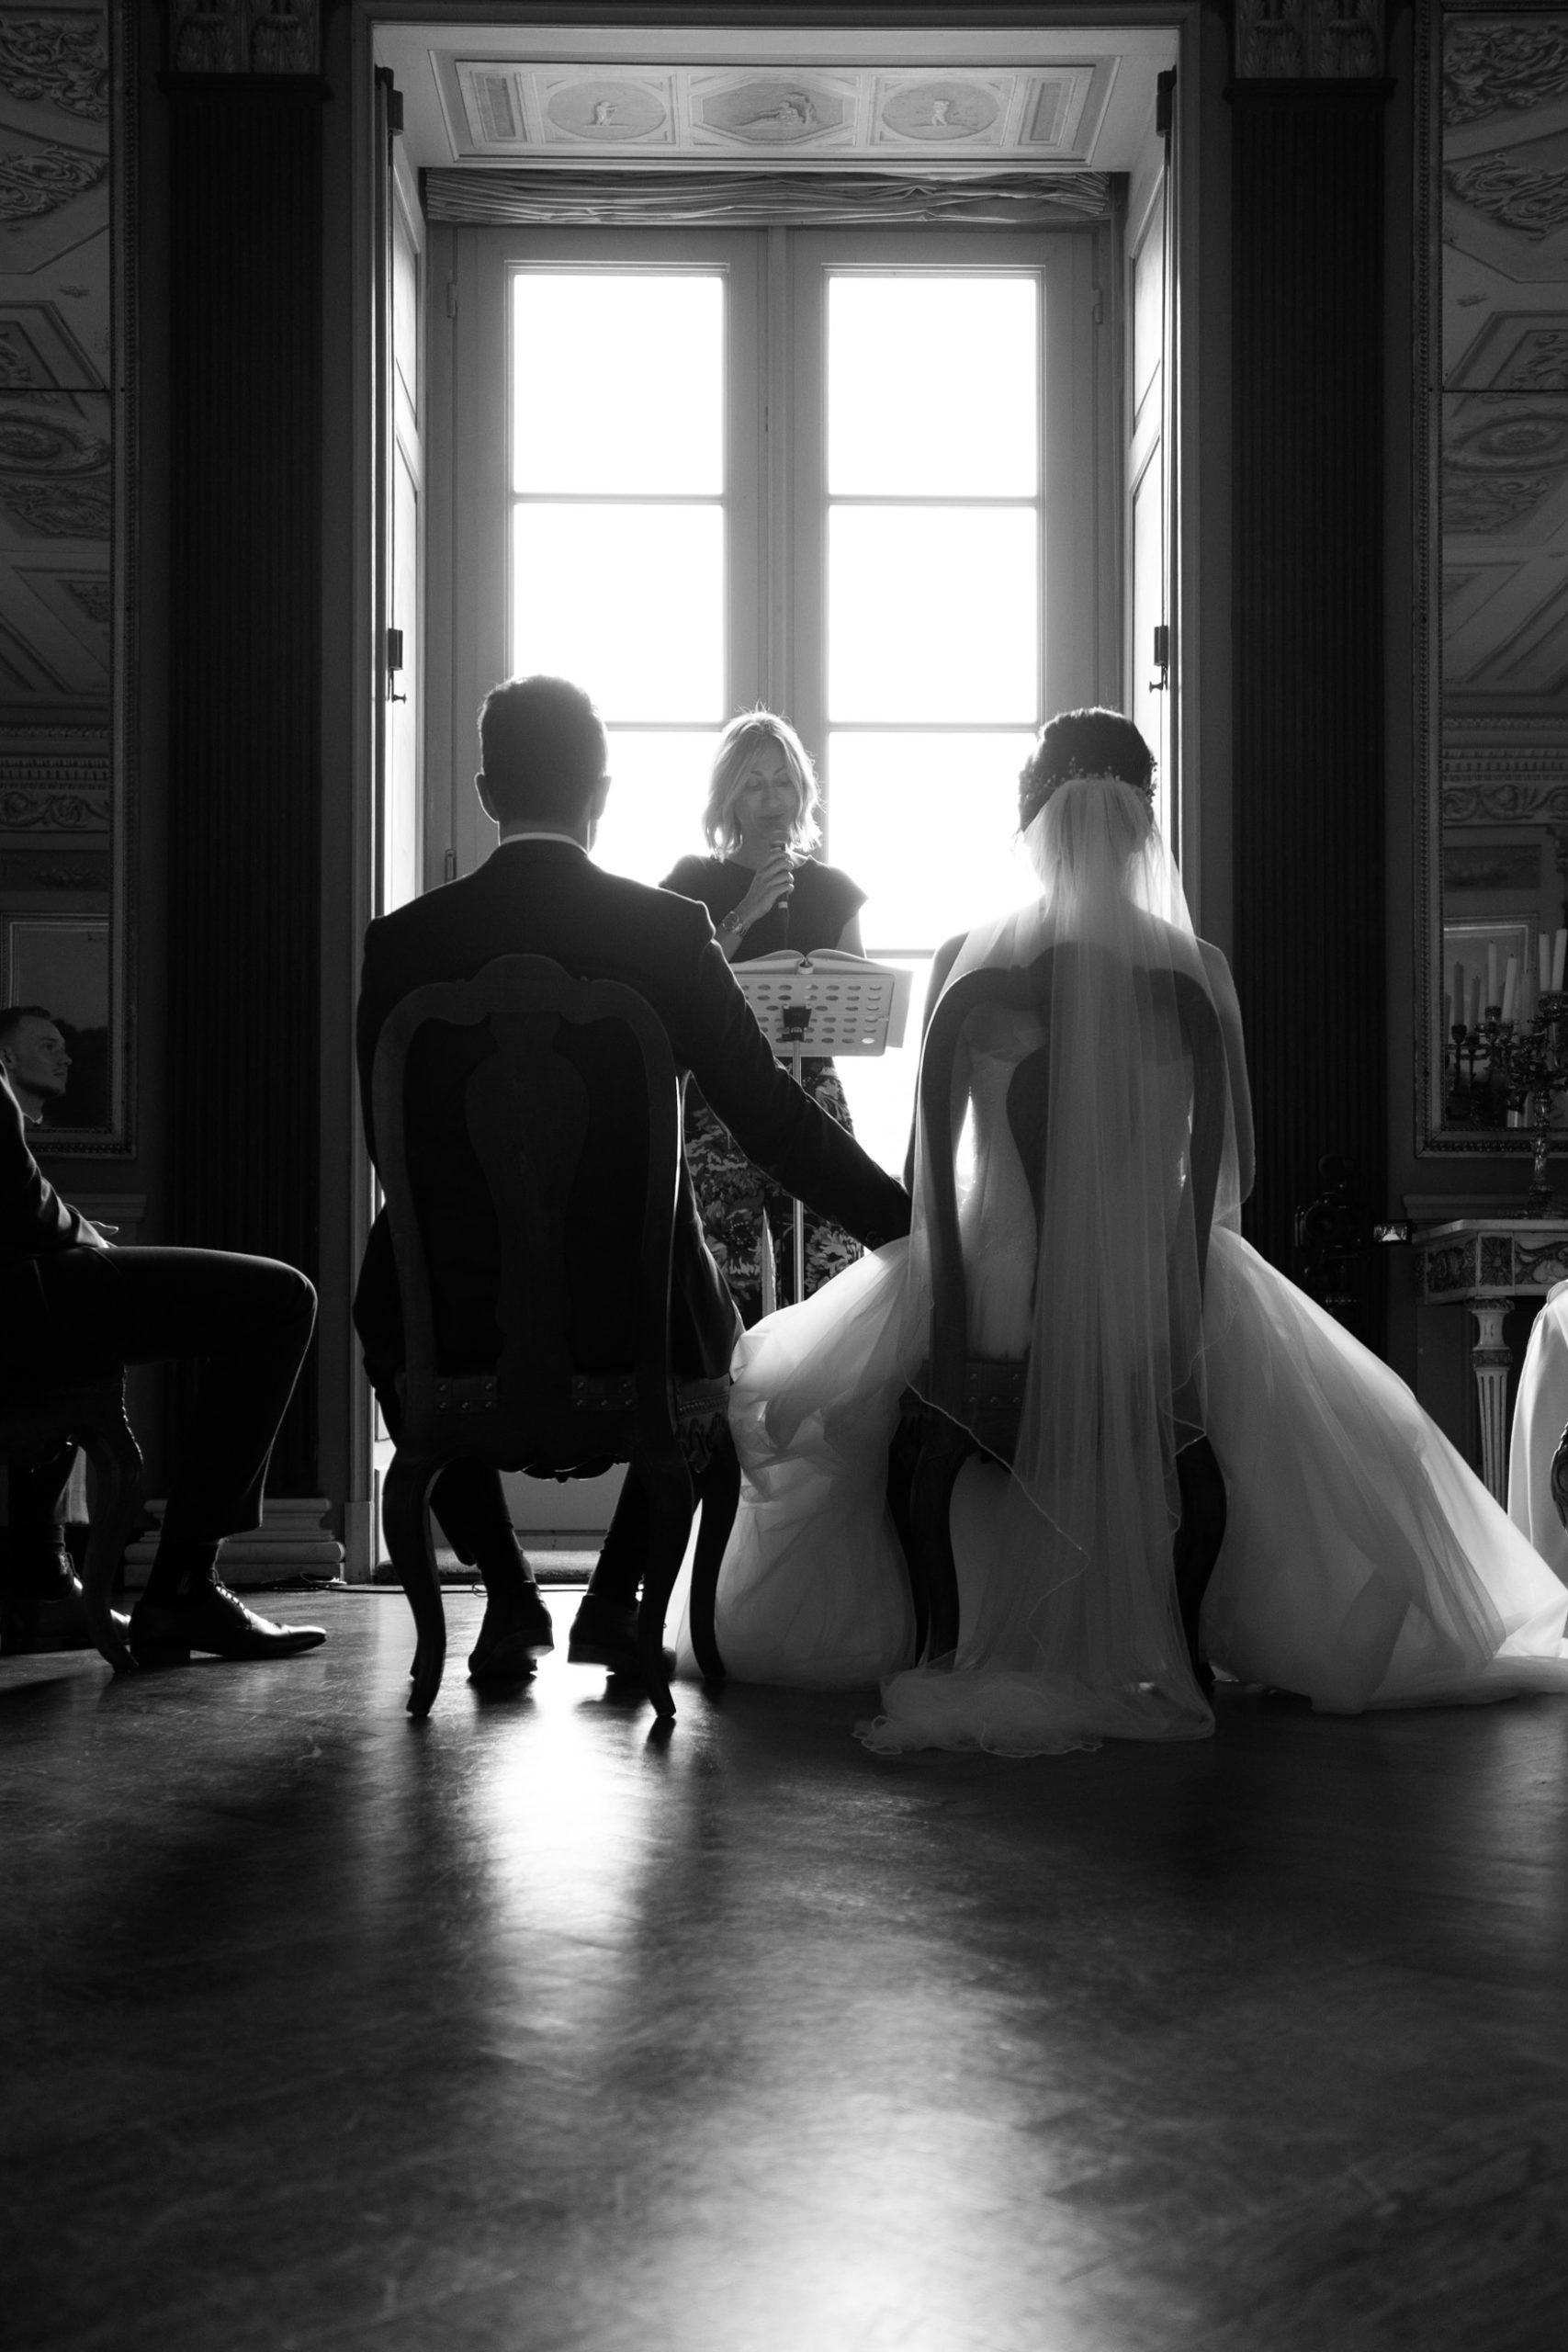 Hochzeitsfilm, Hochzeitsfotografie, schwarz weiß, Standesamt, Hochzeitsfotograf